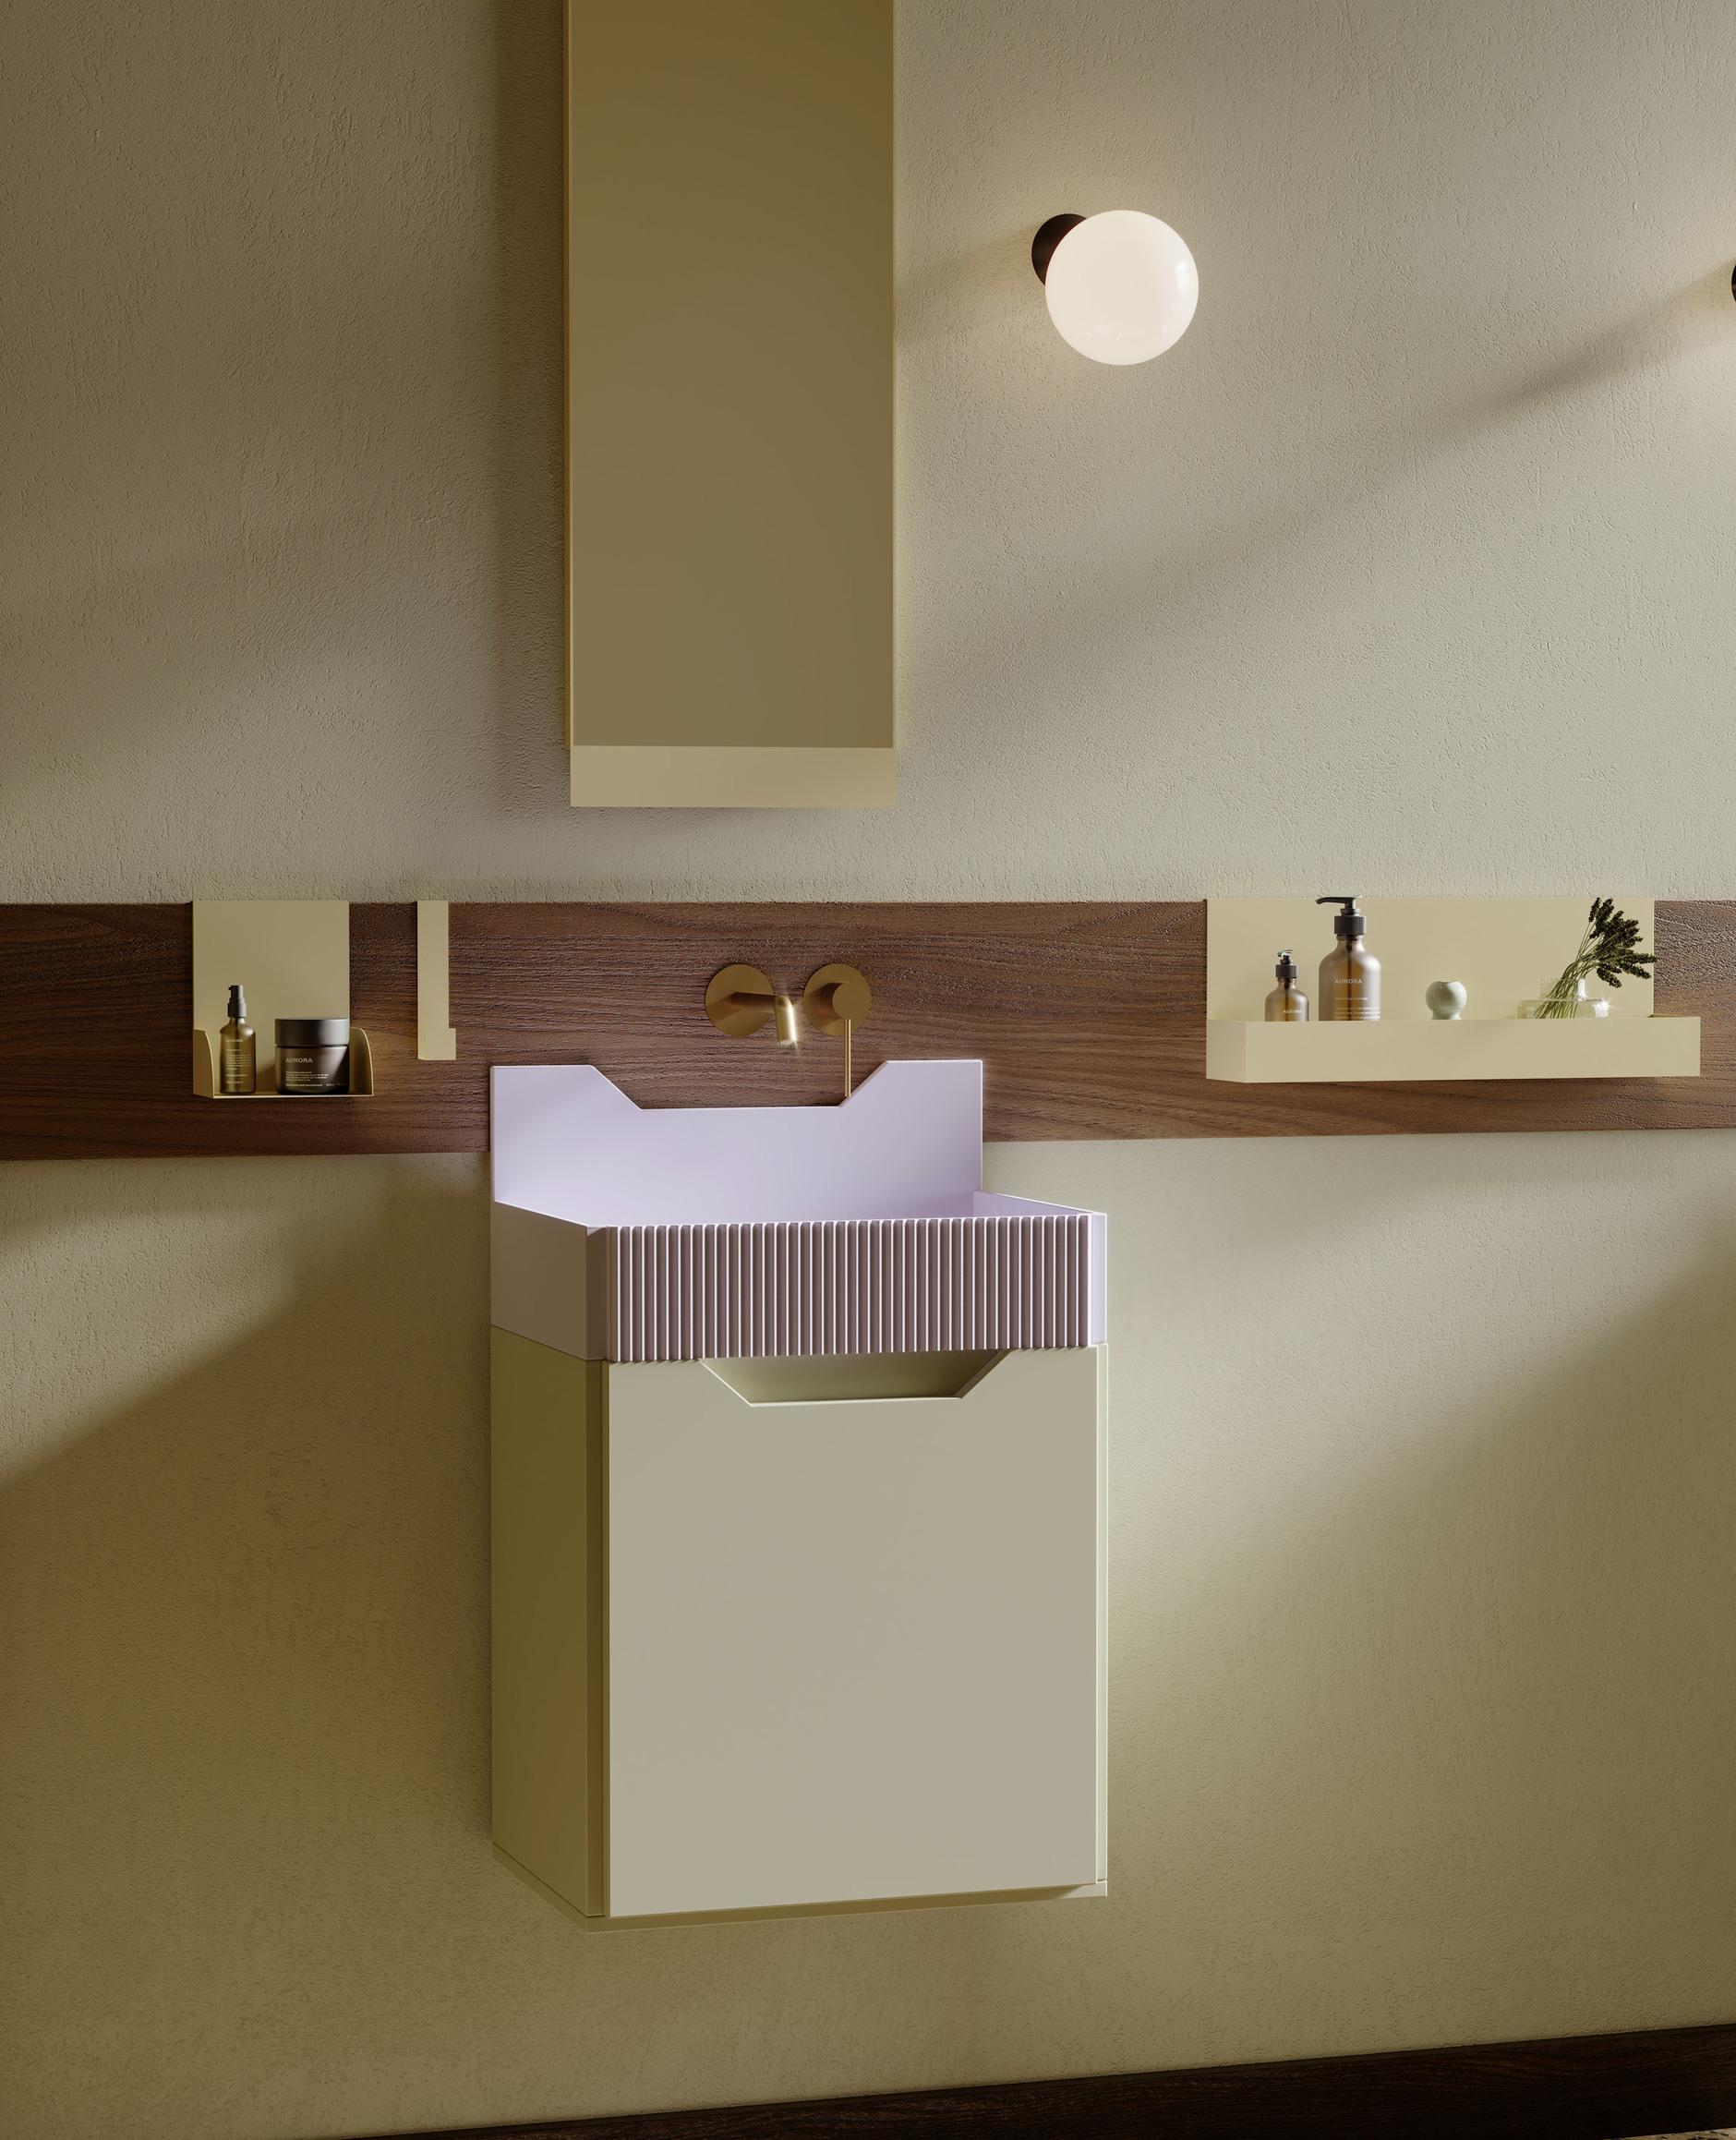 Ванная комната в стиле Роя Лихтенштейна от Ex.t (галерея 12, фото 1)